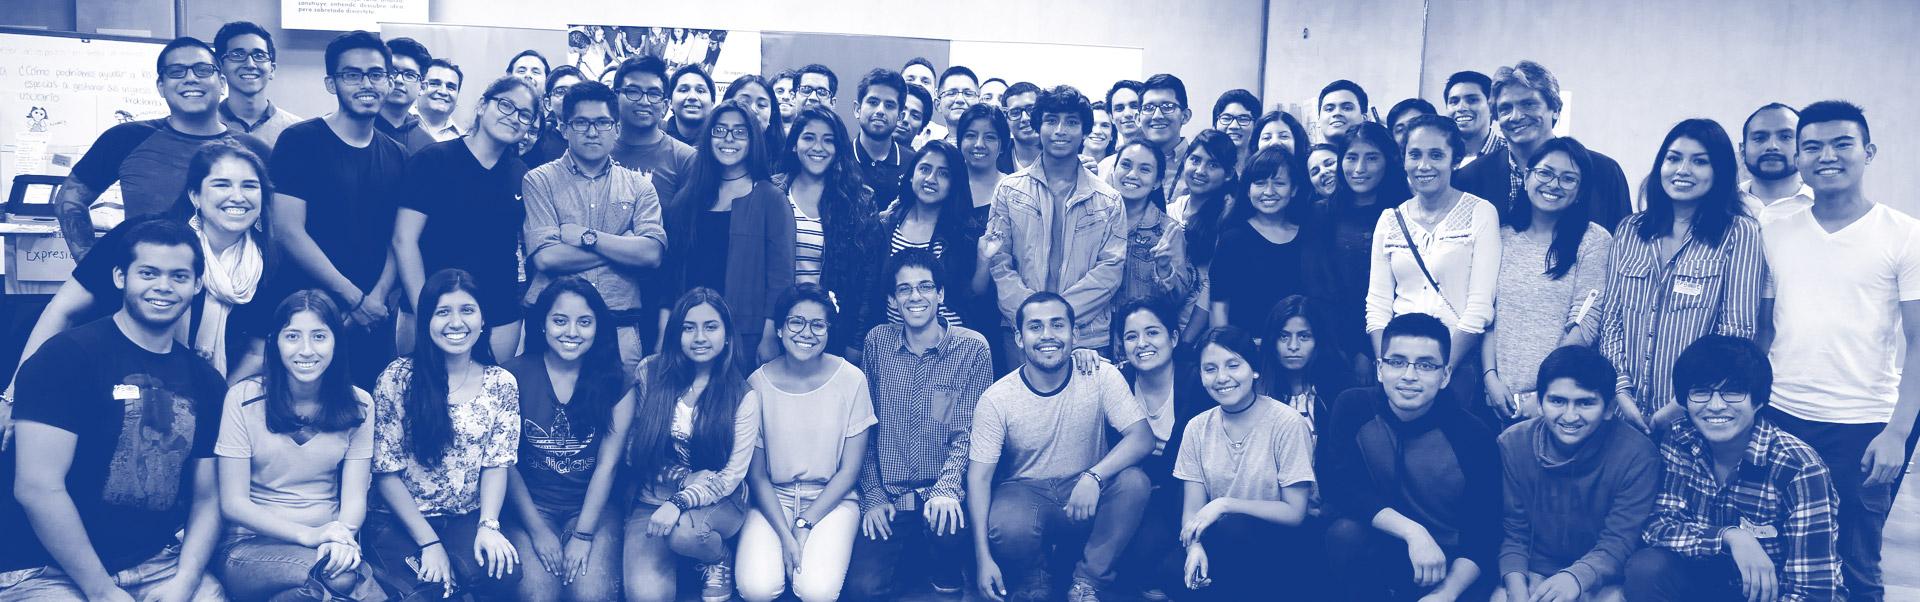 Consorcio de Universidades organiza evento para desarrollar soluciones sobre inclusión financiera